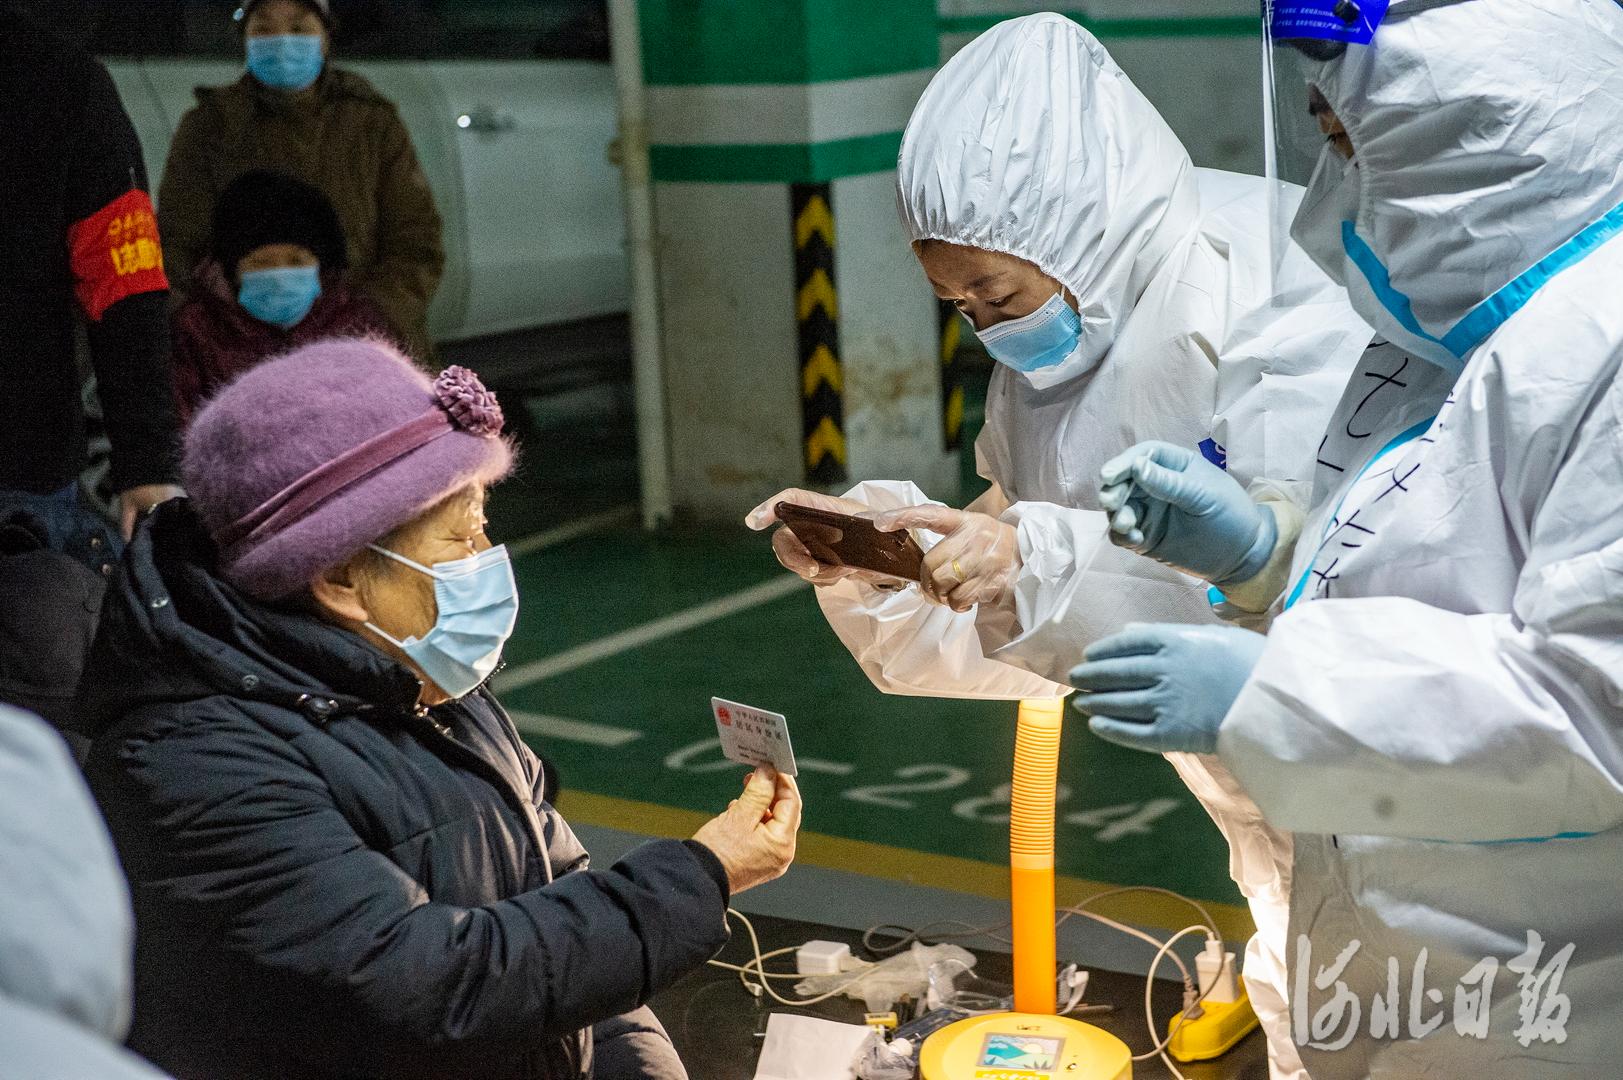 检测人员在为居民录入信息。河北日报记者田明摄